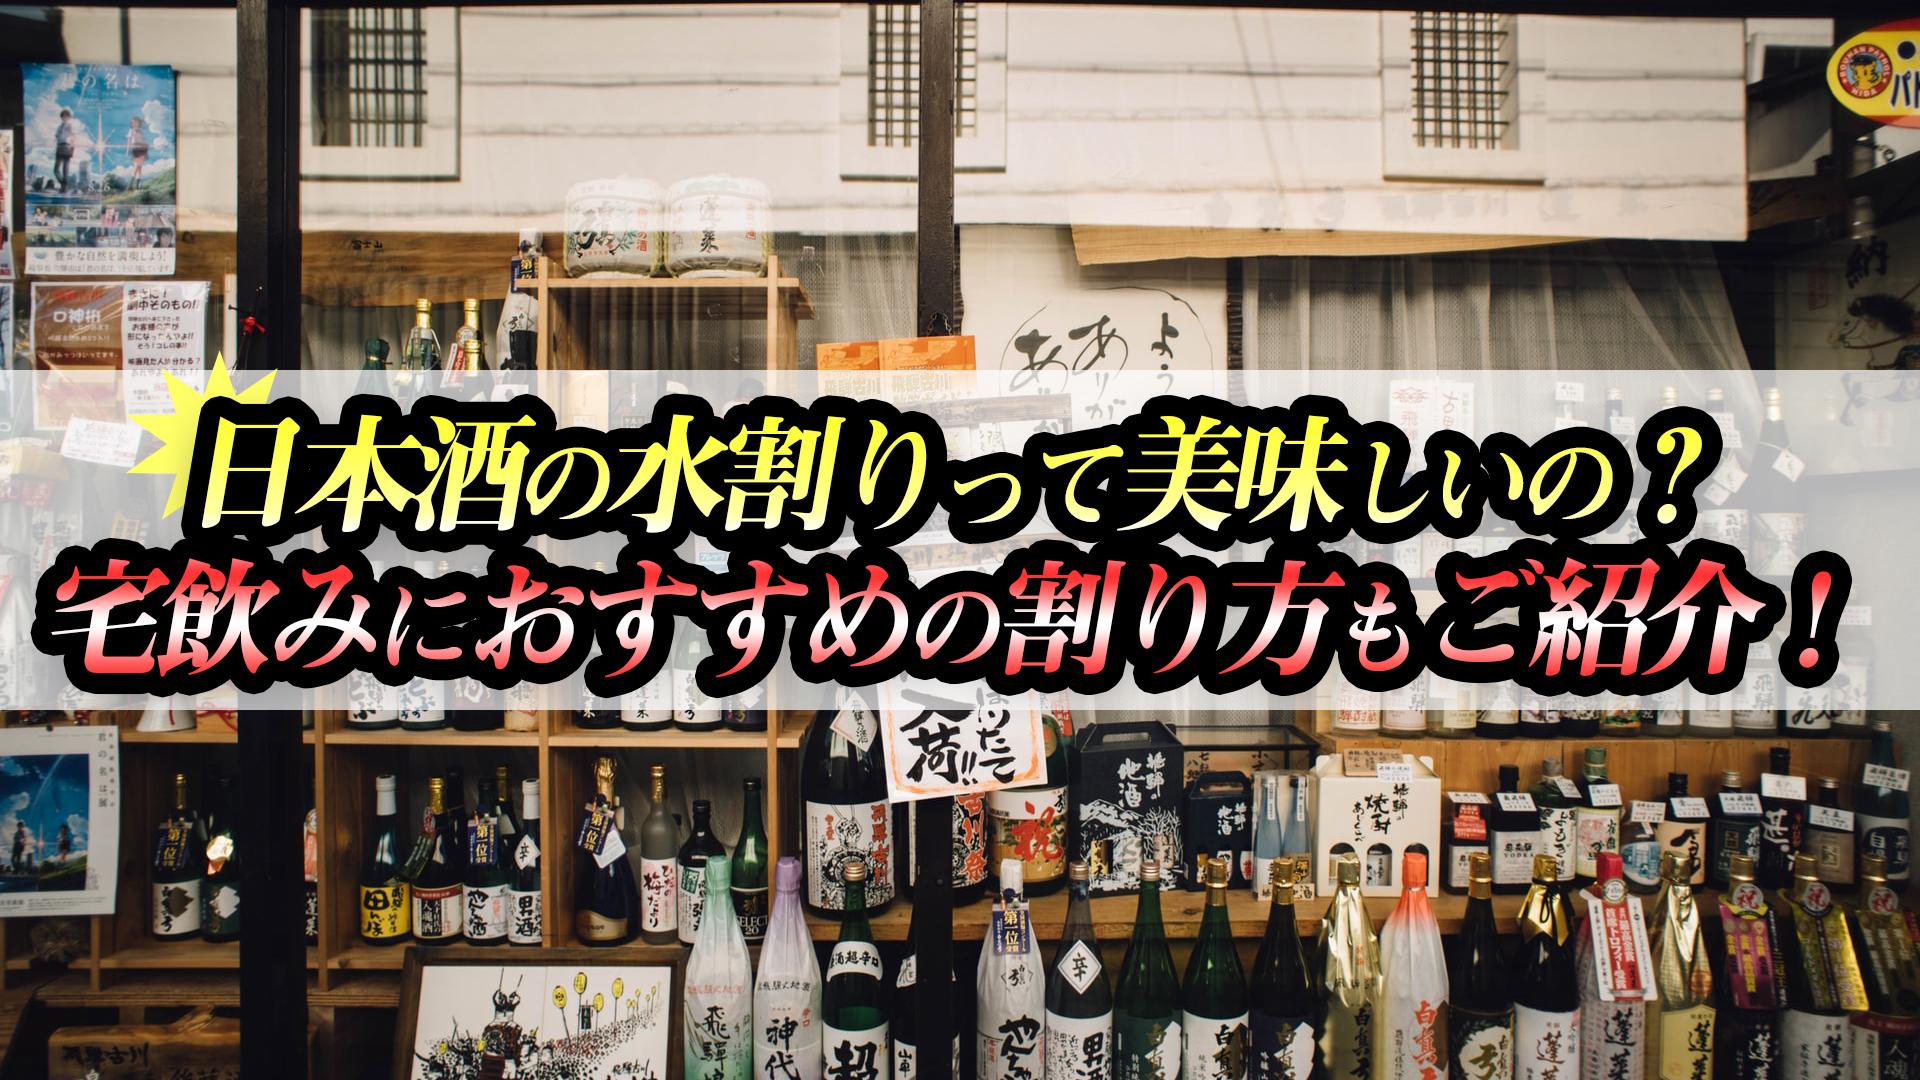 日本酒の水割りって美味しいの?宅飲みにおすすめの割り方もご紹介!